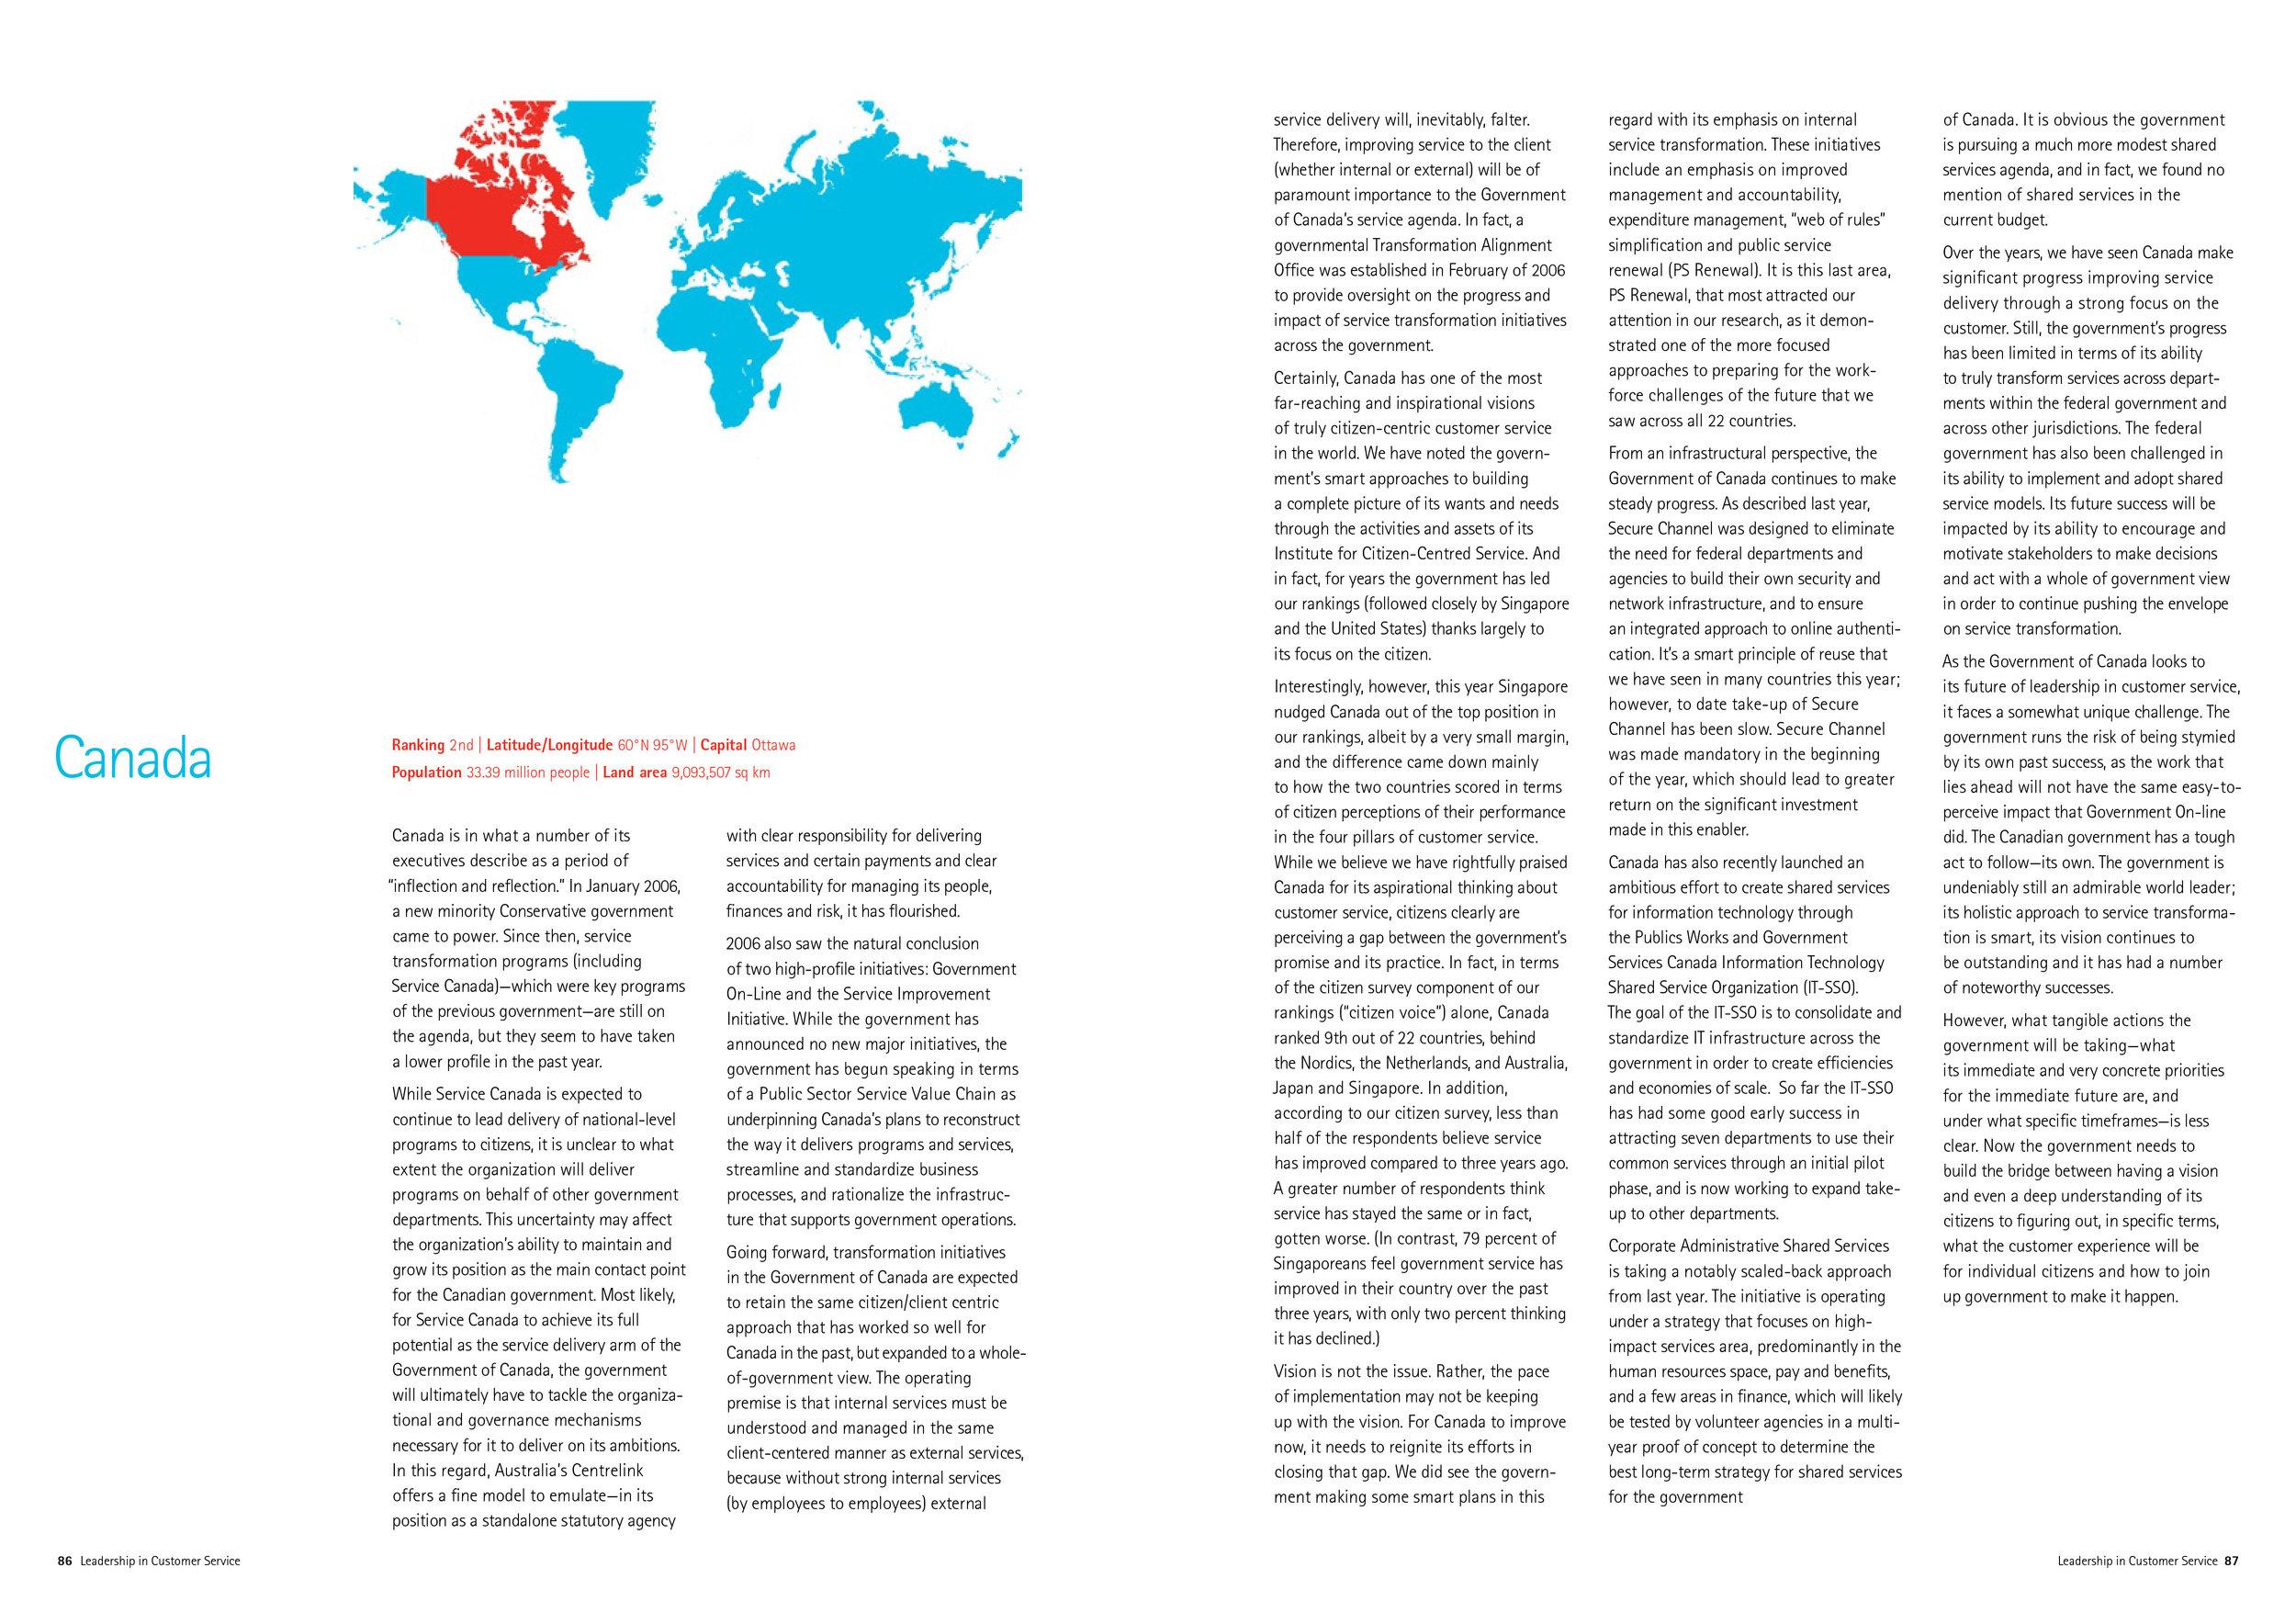 CasieSimpson_Print_LCSReport-15_0010_CasieSimpson_Print_LCSReport-89.jpg